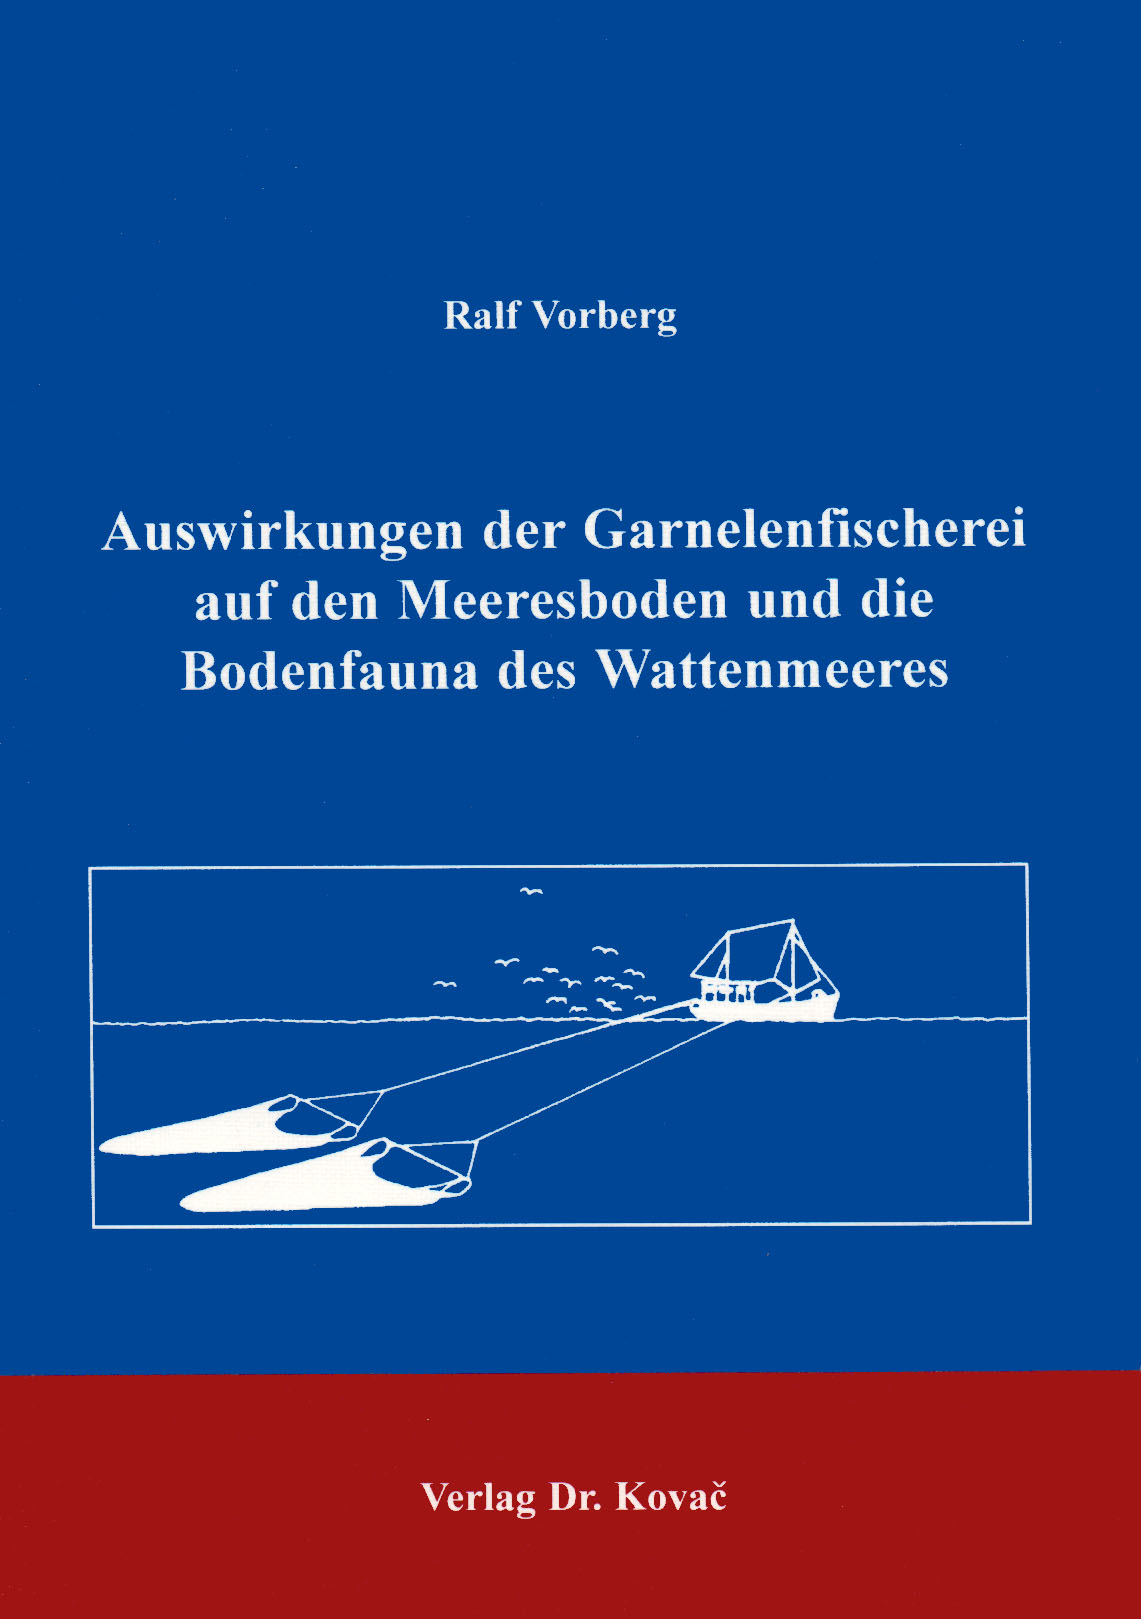 Cover: Auswirkungen der Garnelenfischerei auf den Meeresboden und Bodenfauna des Wattenmeeres